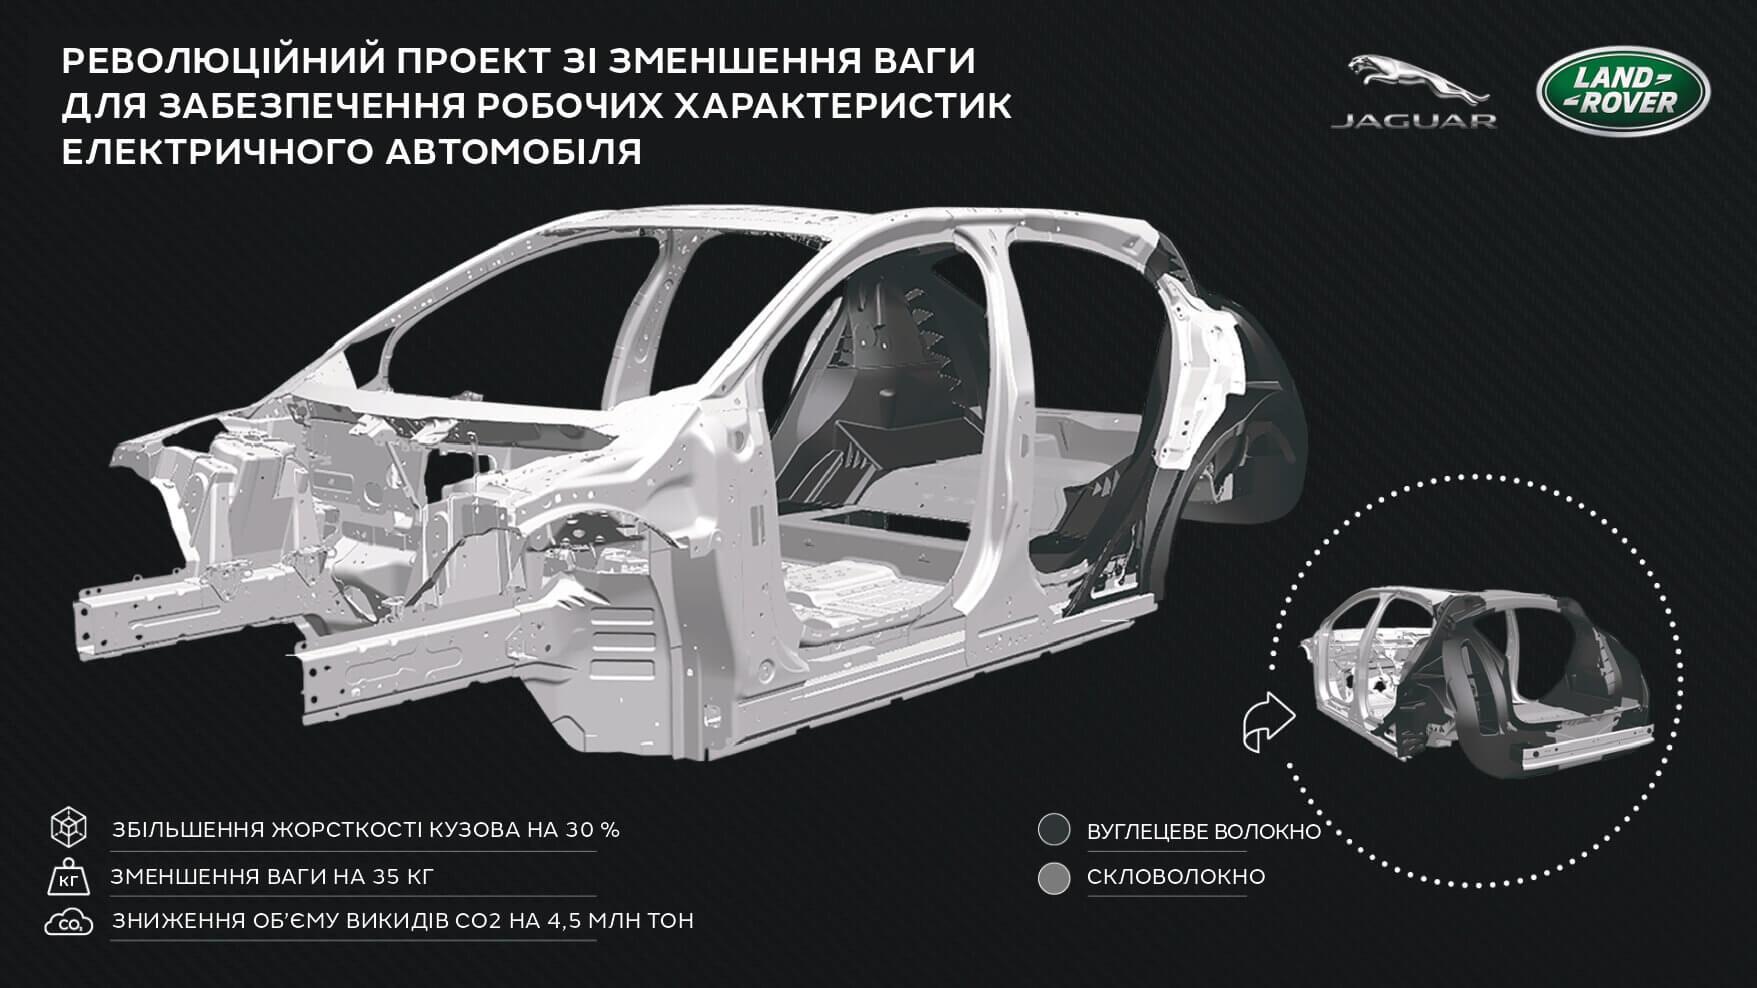 Jaguar Land Rover разработает более легкие электромобили — это возможность установить аккумуляторы большего размера для большего запаса хода